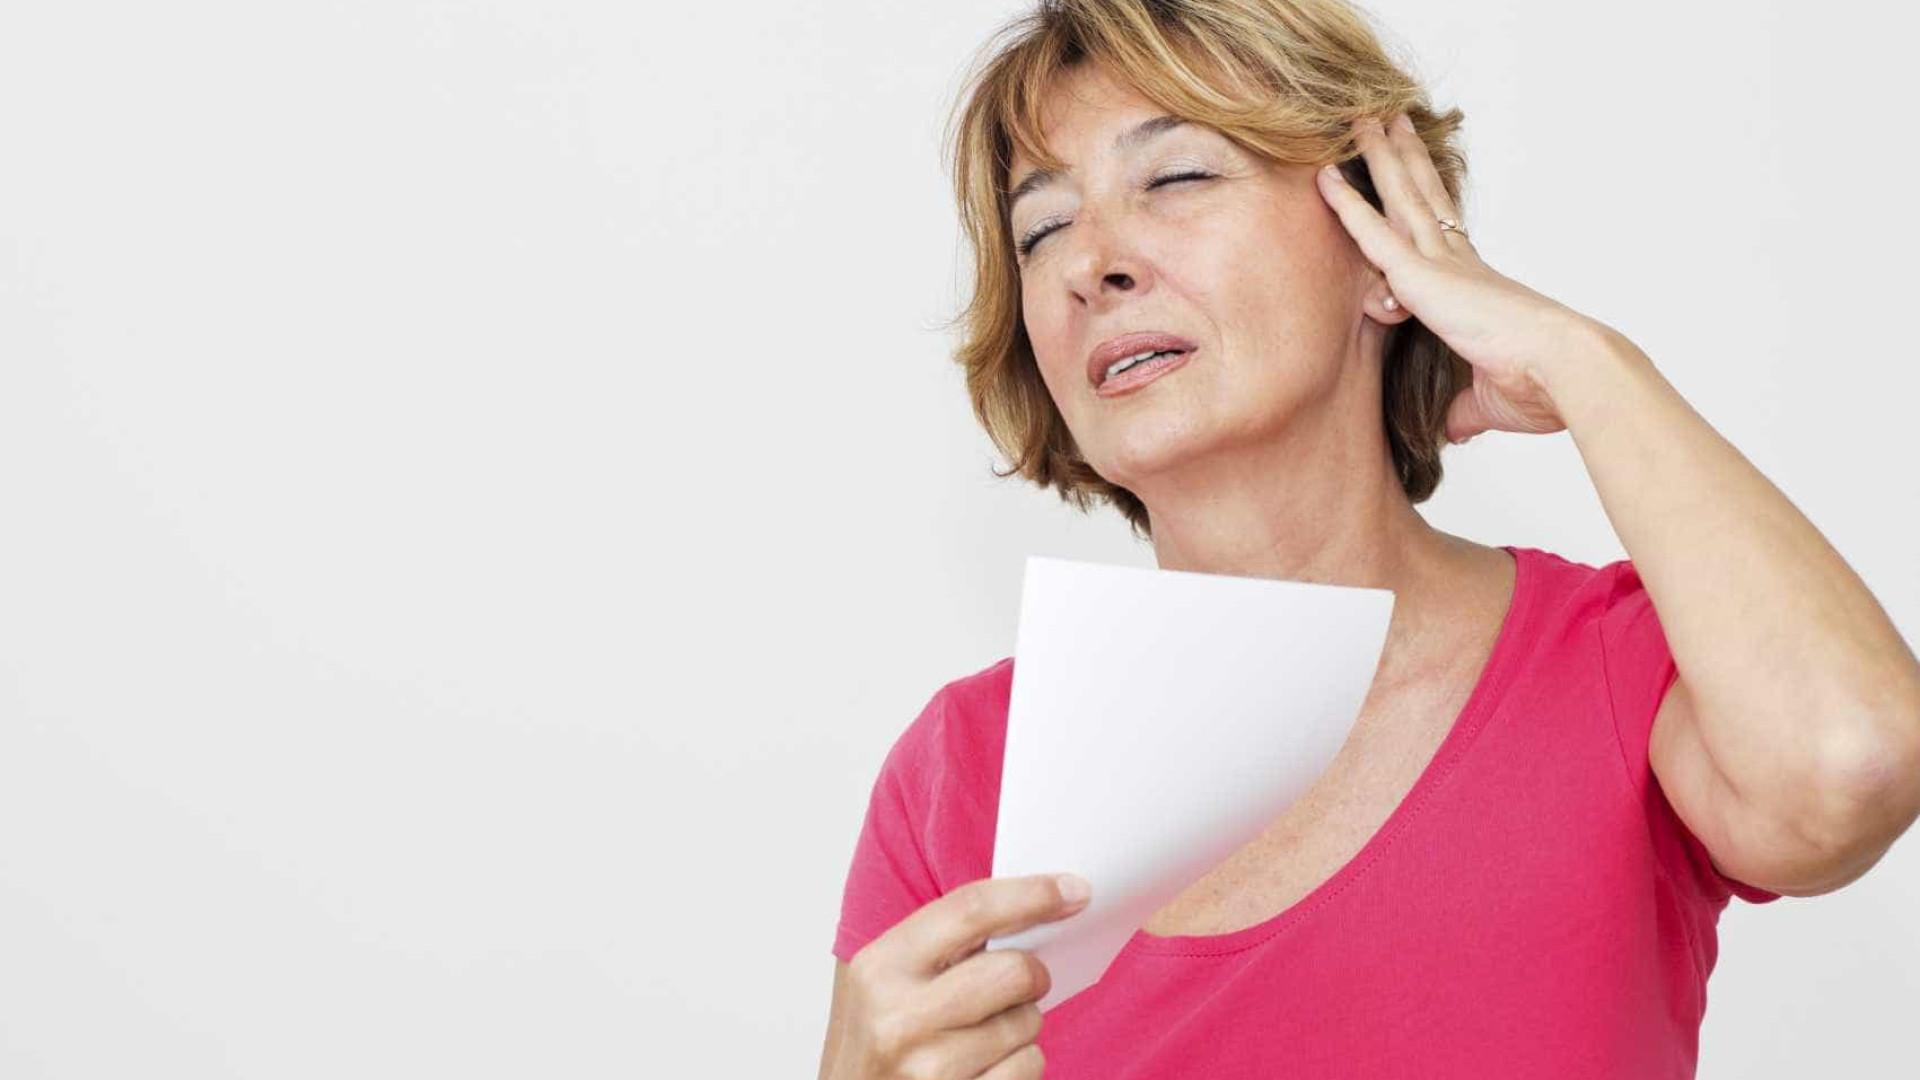 Afrontamentos ligados a distúrbio mental em mulheres na menopausa